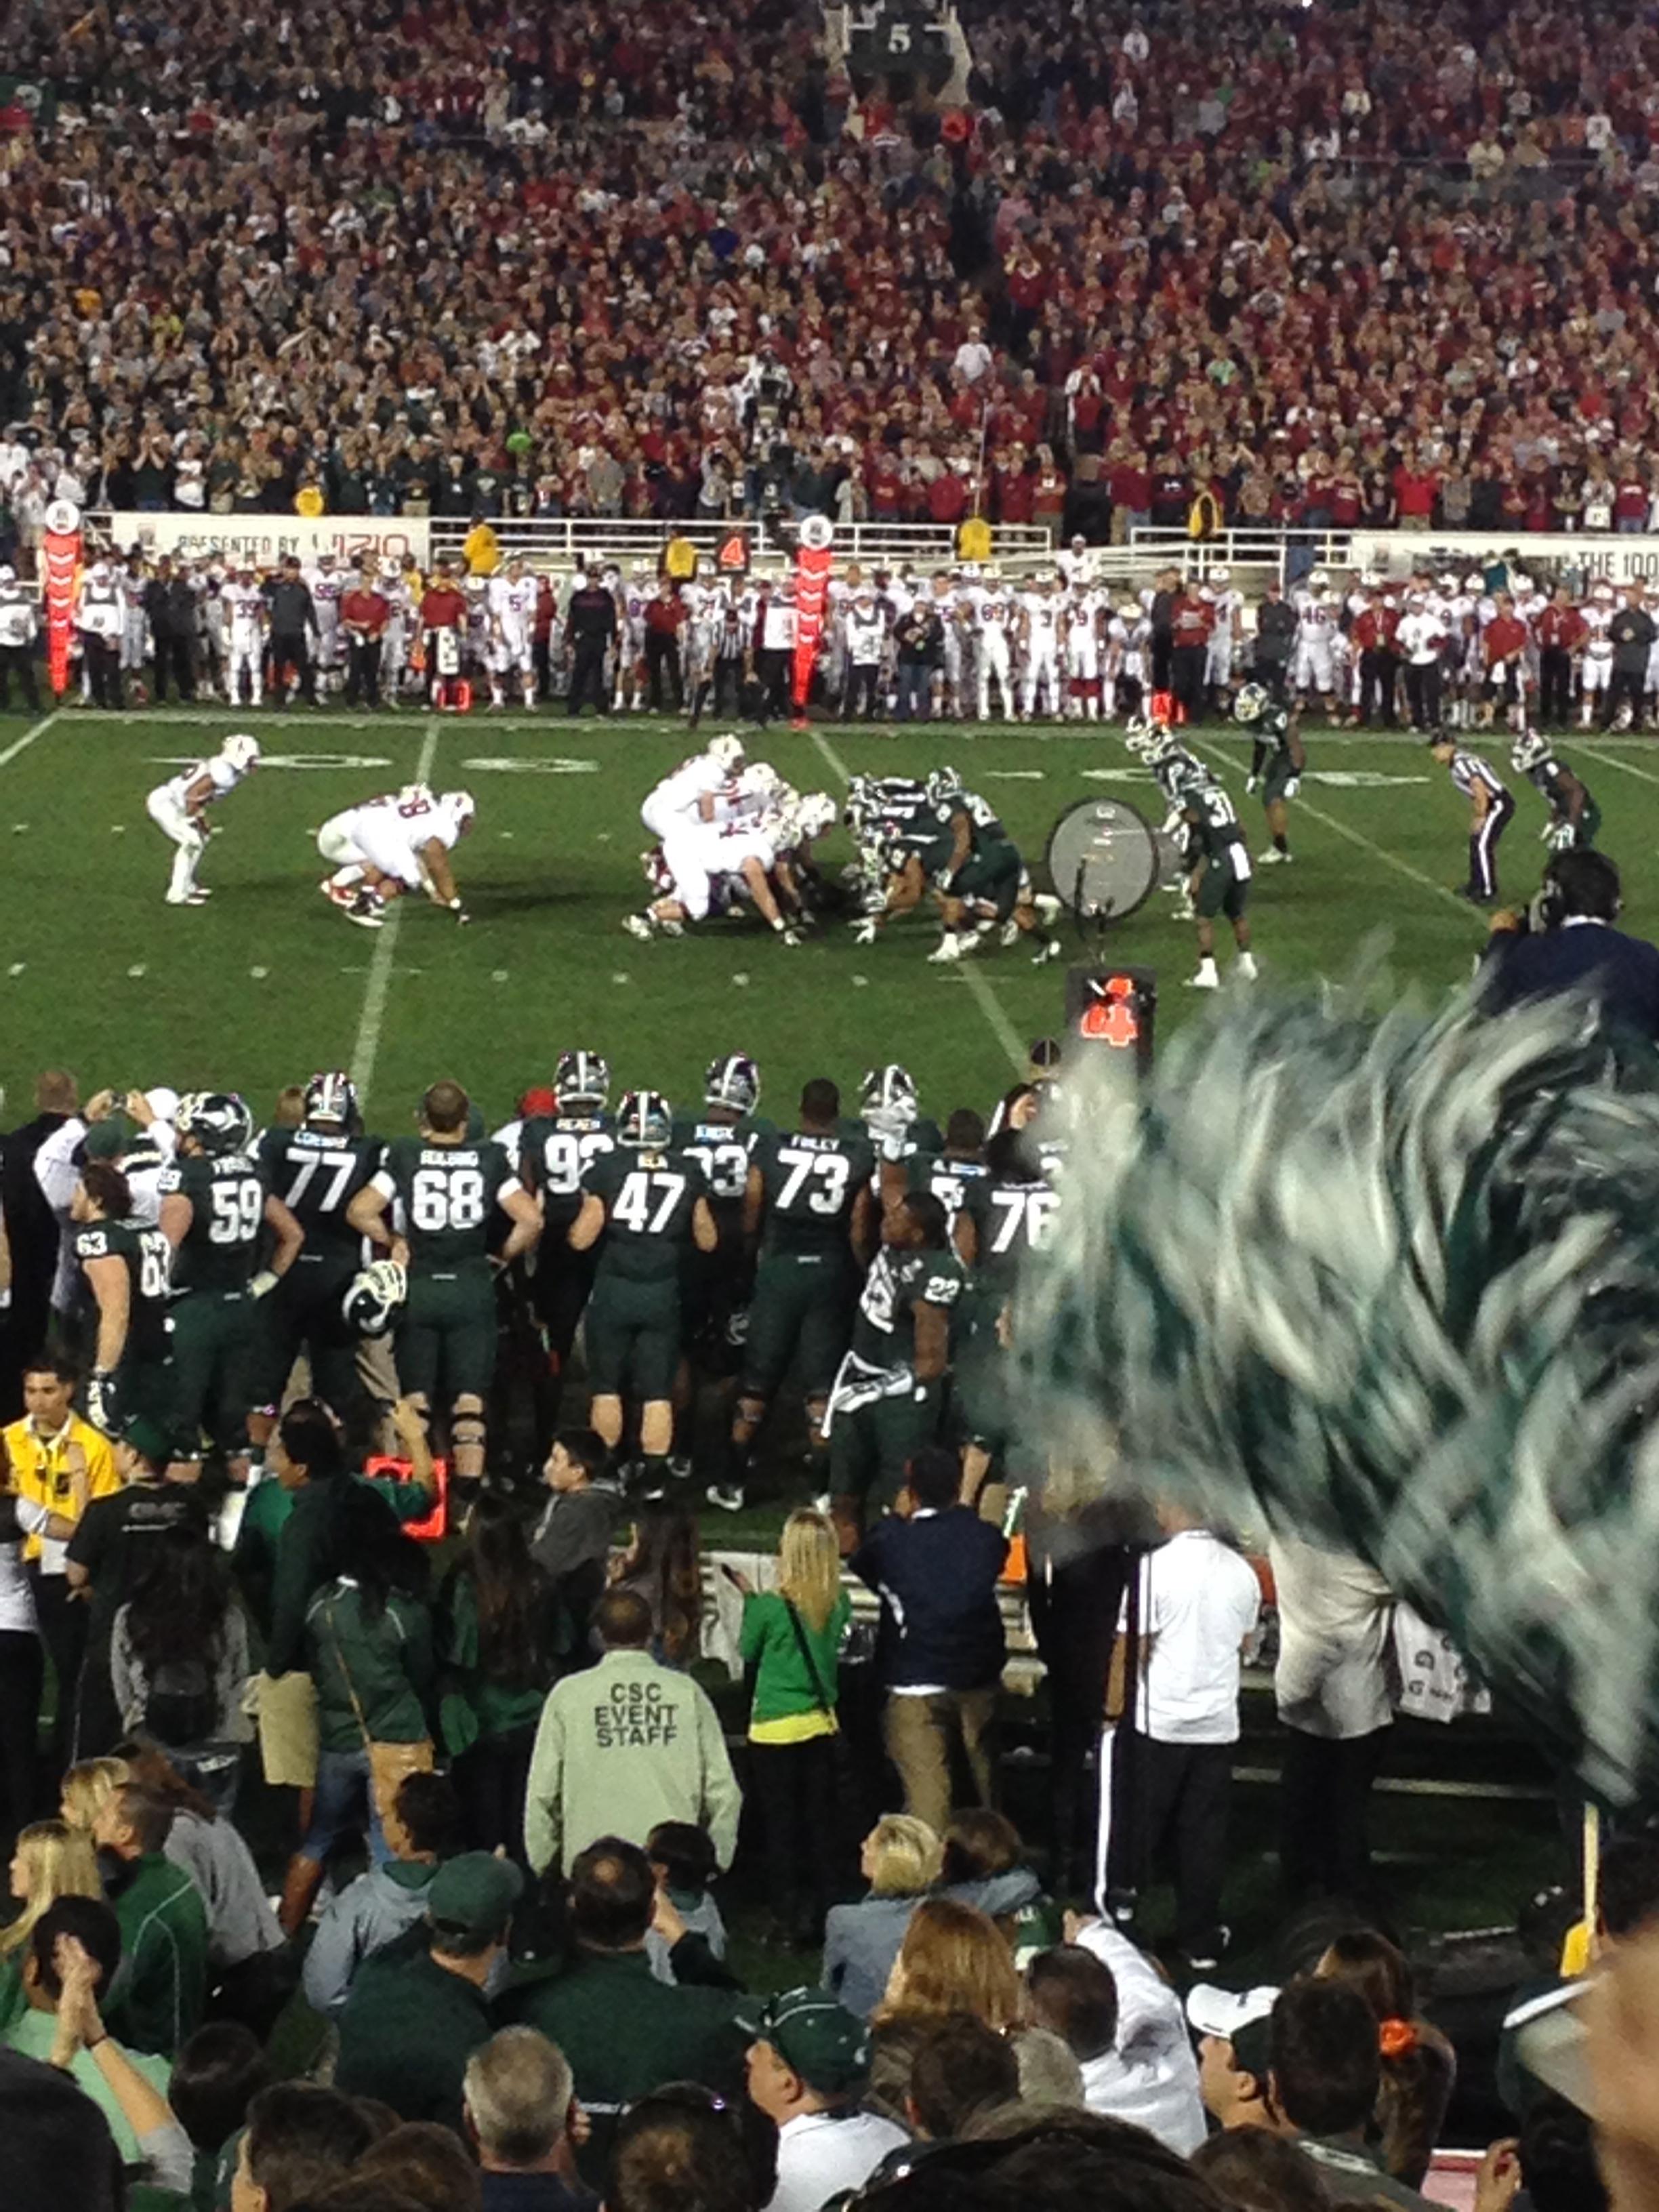 Spartan defense makes a key stop at the Rose Bowl